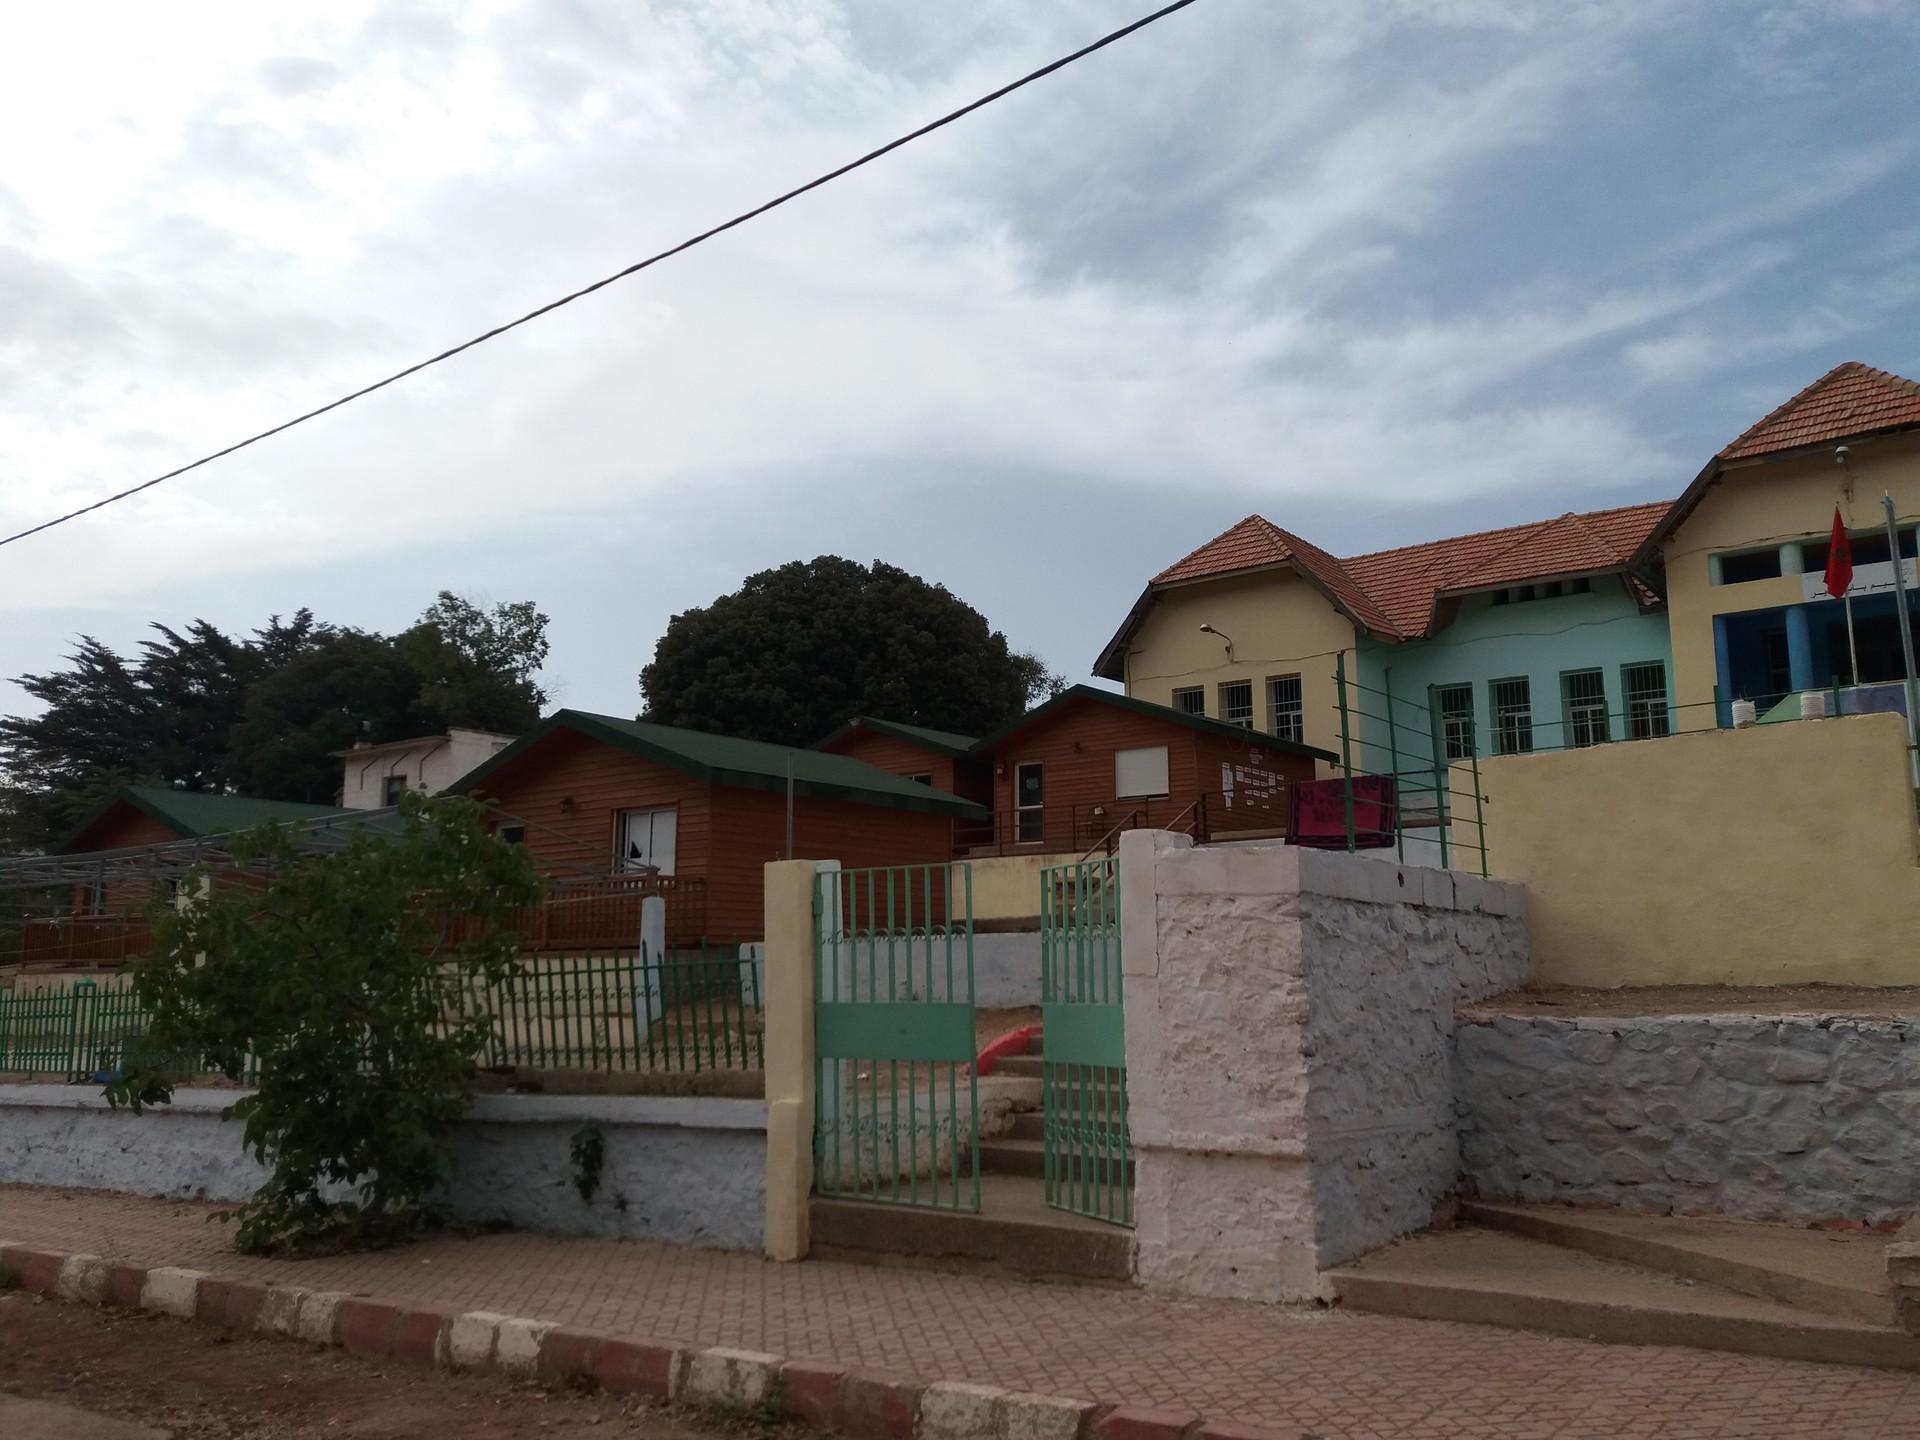 ville-de-taza-maroc-7700a00a6cff420f97a6